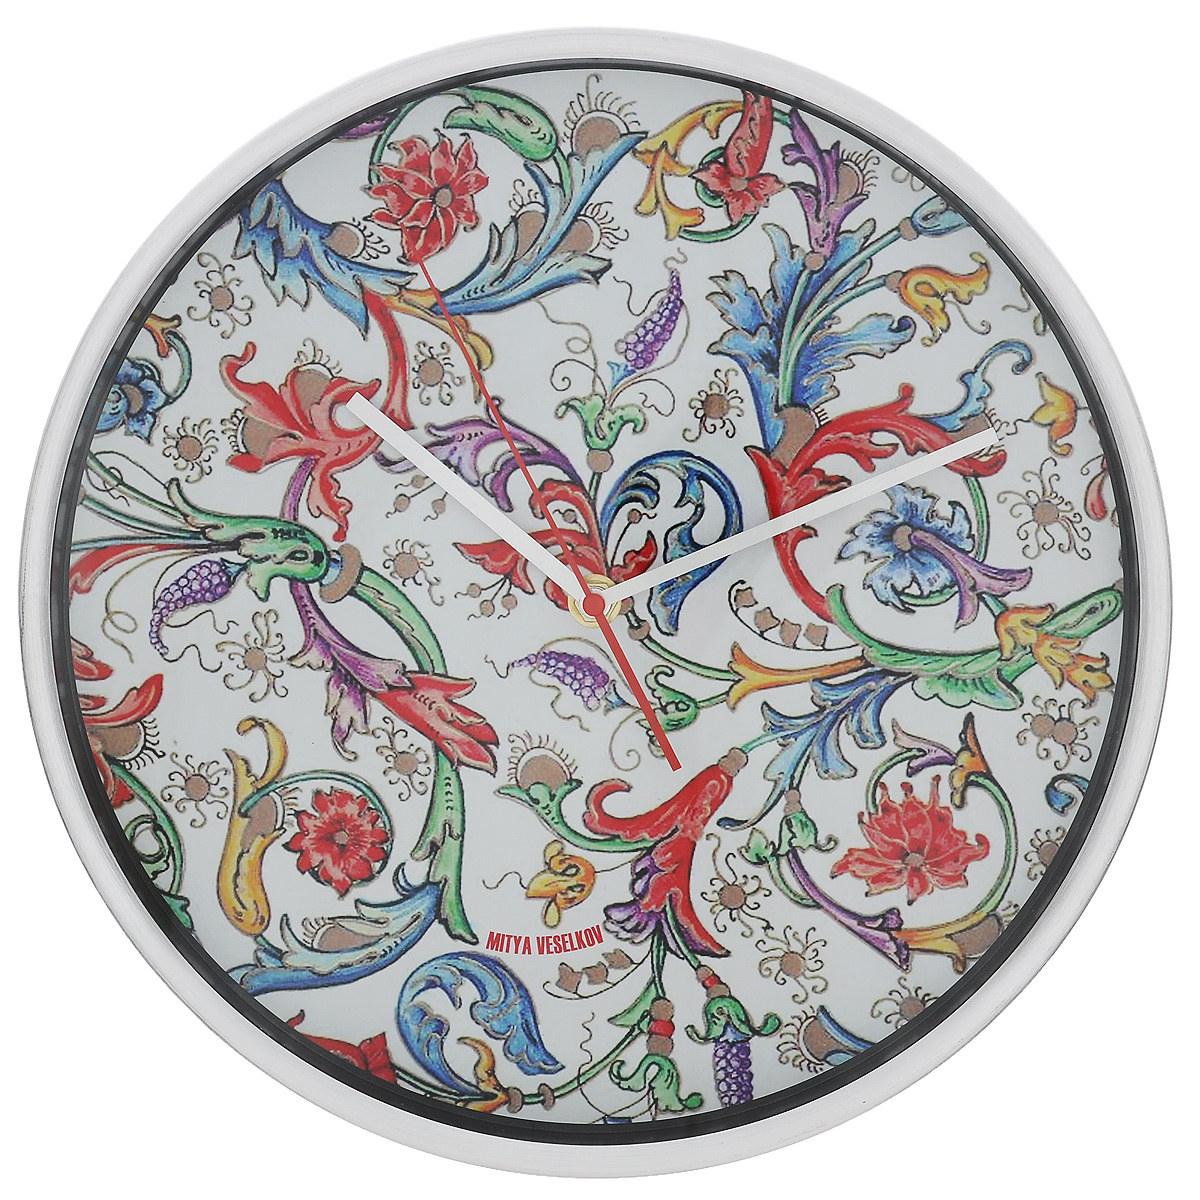 Часы настенные Райский сад (30см). MV-NAST082300074_ежевикаОригинальные настенные часы Mitya Veselkov Райский сад прекрасно дополнят интерьер комнаты. Круглый корпус часов выполнен из металла серебристого цвета с матовой полировкой. Циферблат оформлен красивыми узорами и защищен стеклом. Часы имеют три стрелки - часовую, минутную и секундную.Оформите свой дом таким интерьерным аксессуаром или преподнесите его в качестве презента друзьям, и они оценят ваш оригинальный вкус и неординарность подарка. Диаметр часов: 30 см. Толщина корпуса: 4 см. Часы работают от 1 батарейки типа АА (в комплект не входит).